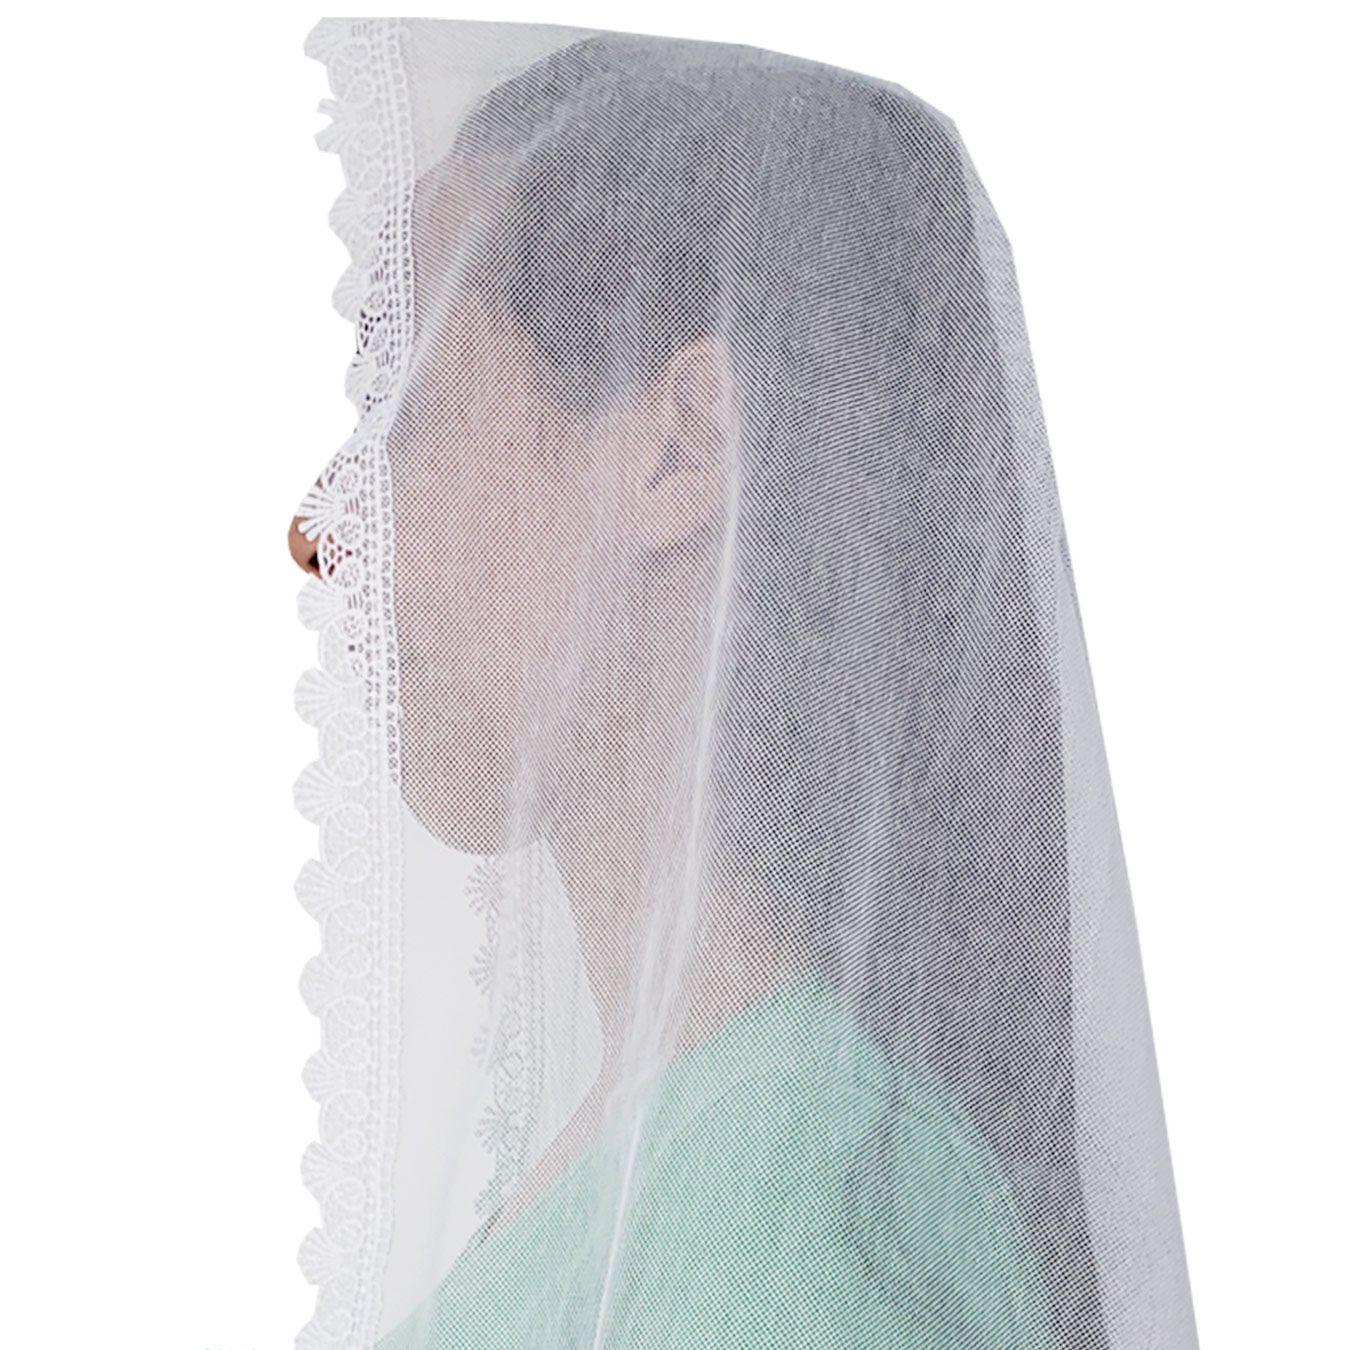 Véu CCB Tecido de Algodão Filó Renda CHL-425